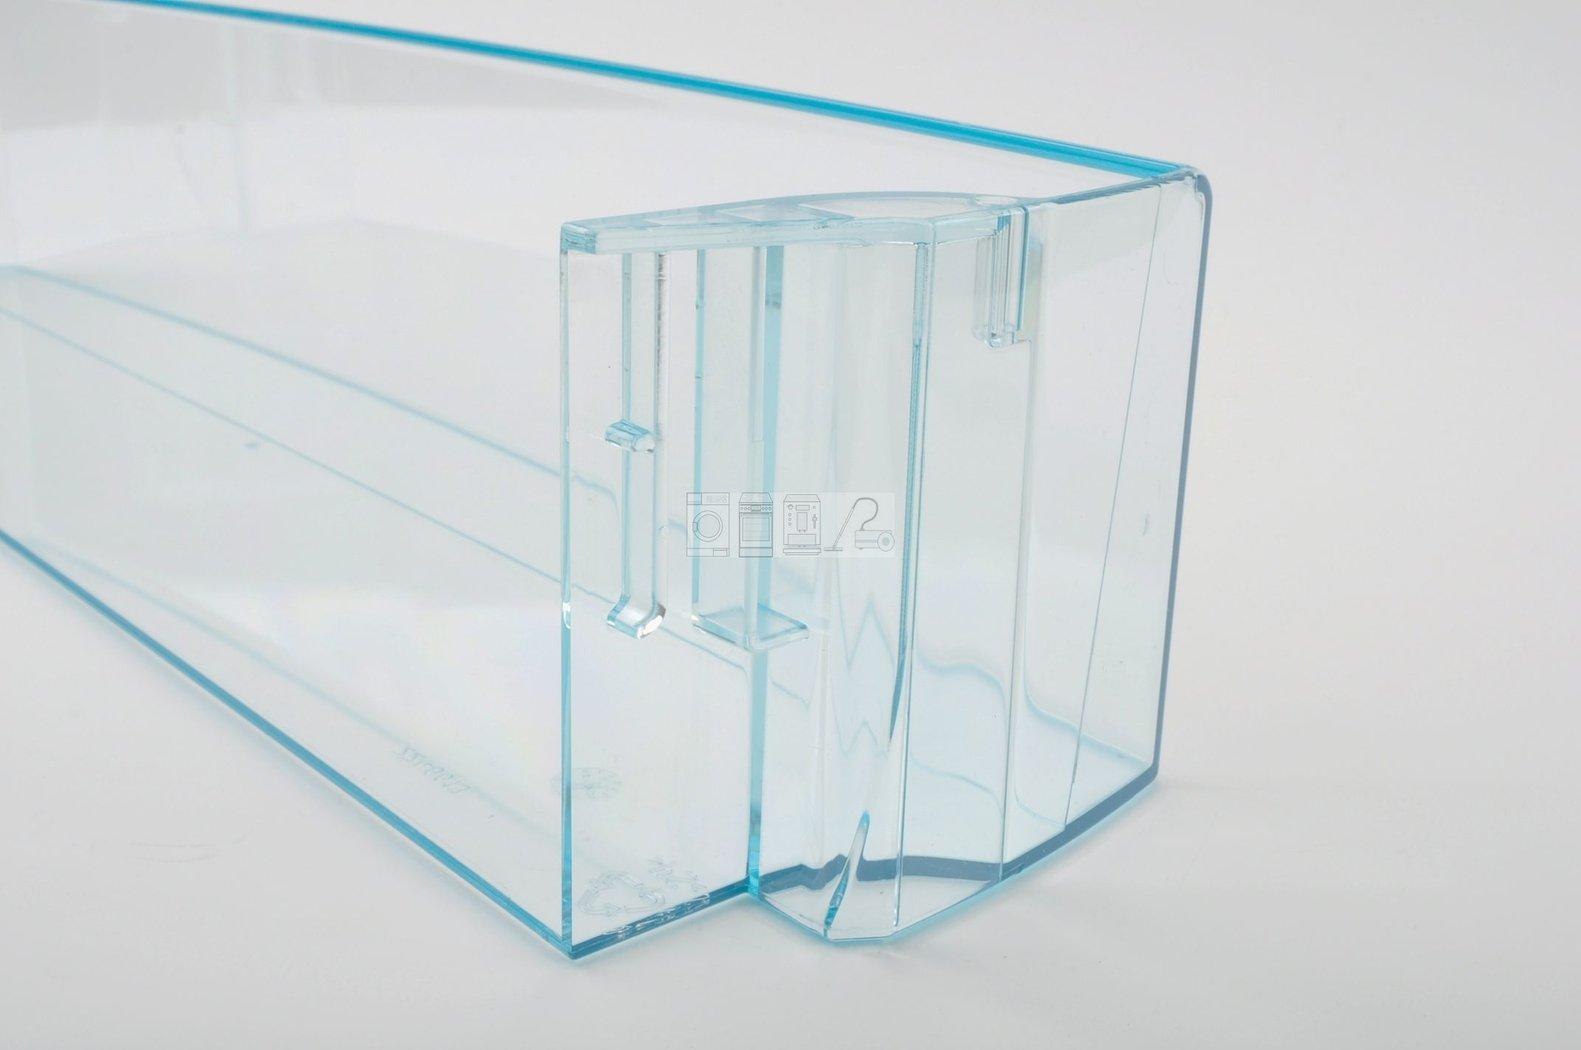 Gorenje Kühlschrank Flaschenfach : Ersatzteile privileg kühlschrank flaschenfach absteller